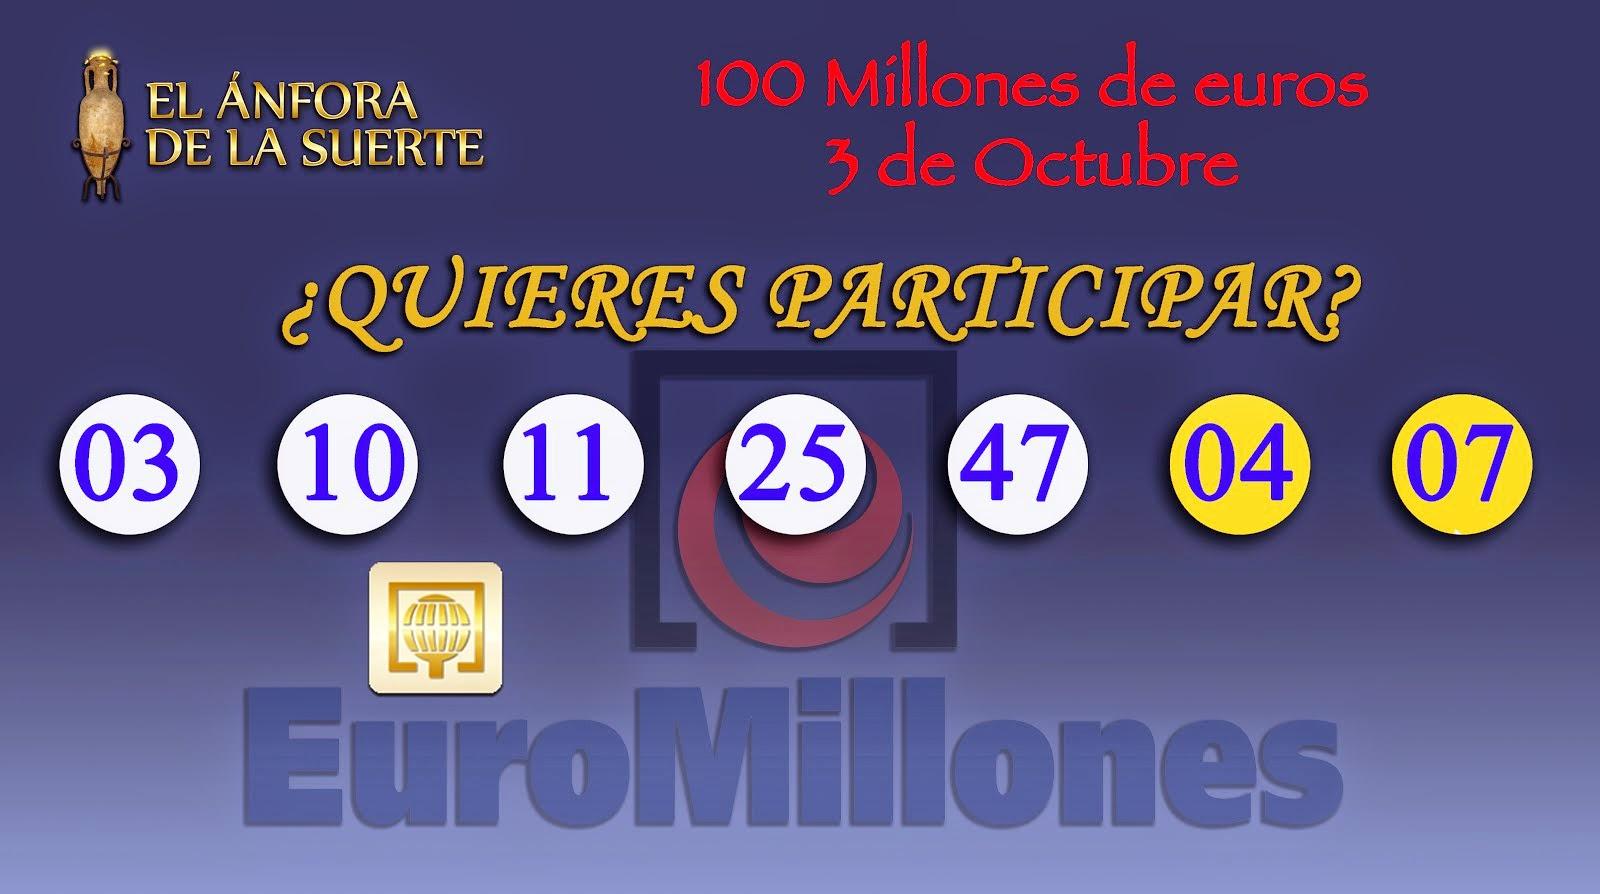 PARTICIPA EN EL PREMIO QUE OBTENGAMOS CON FACEBOOK O TWITTER!!